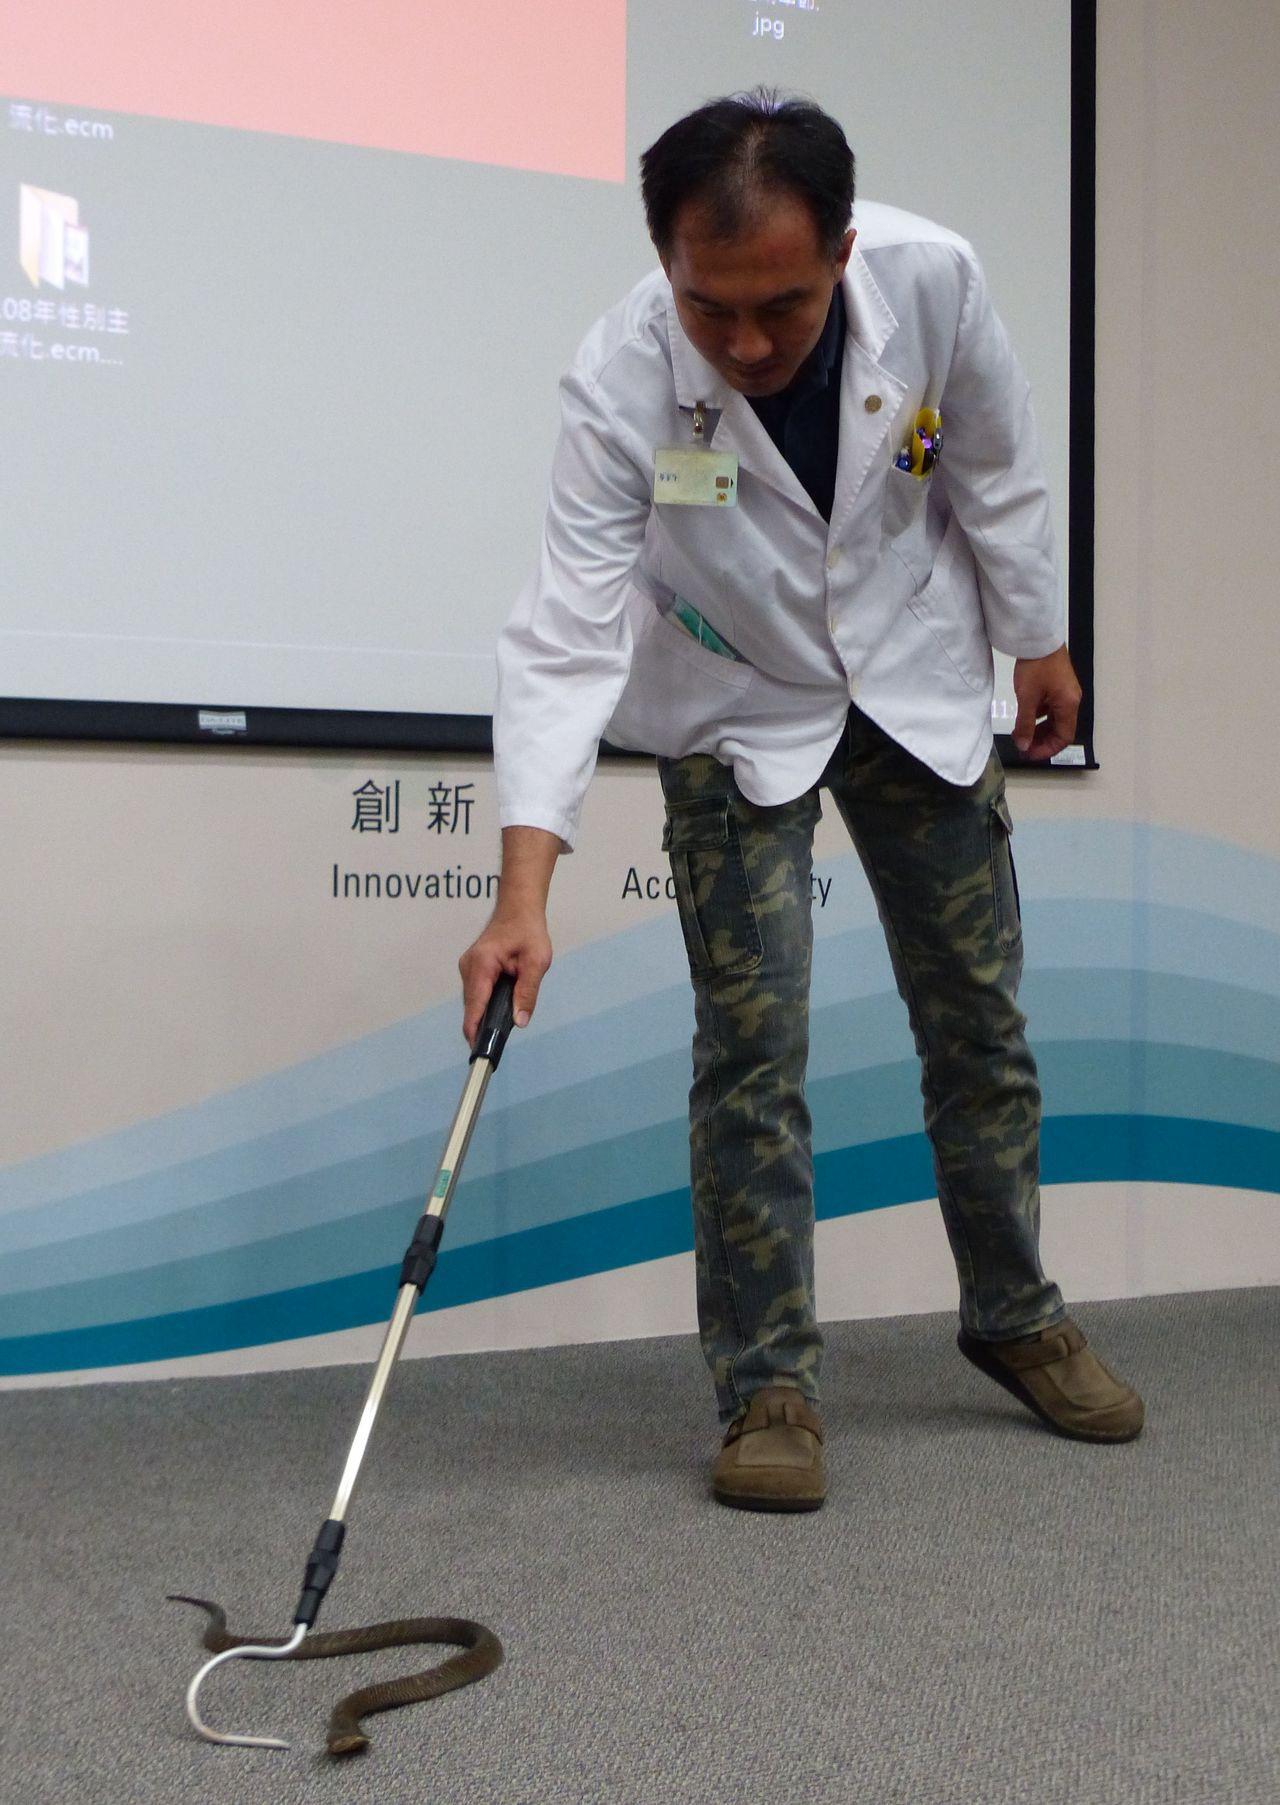 醫師毛彥喬建議,民眾被蛇咬傷,第一時間請嘗試辨認蛇種,並建議簡化處理流程,「沖清...